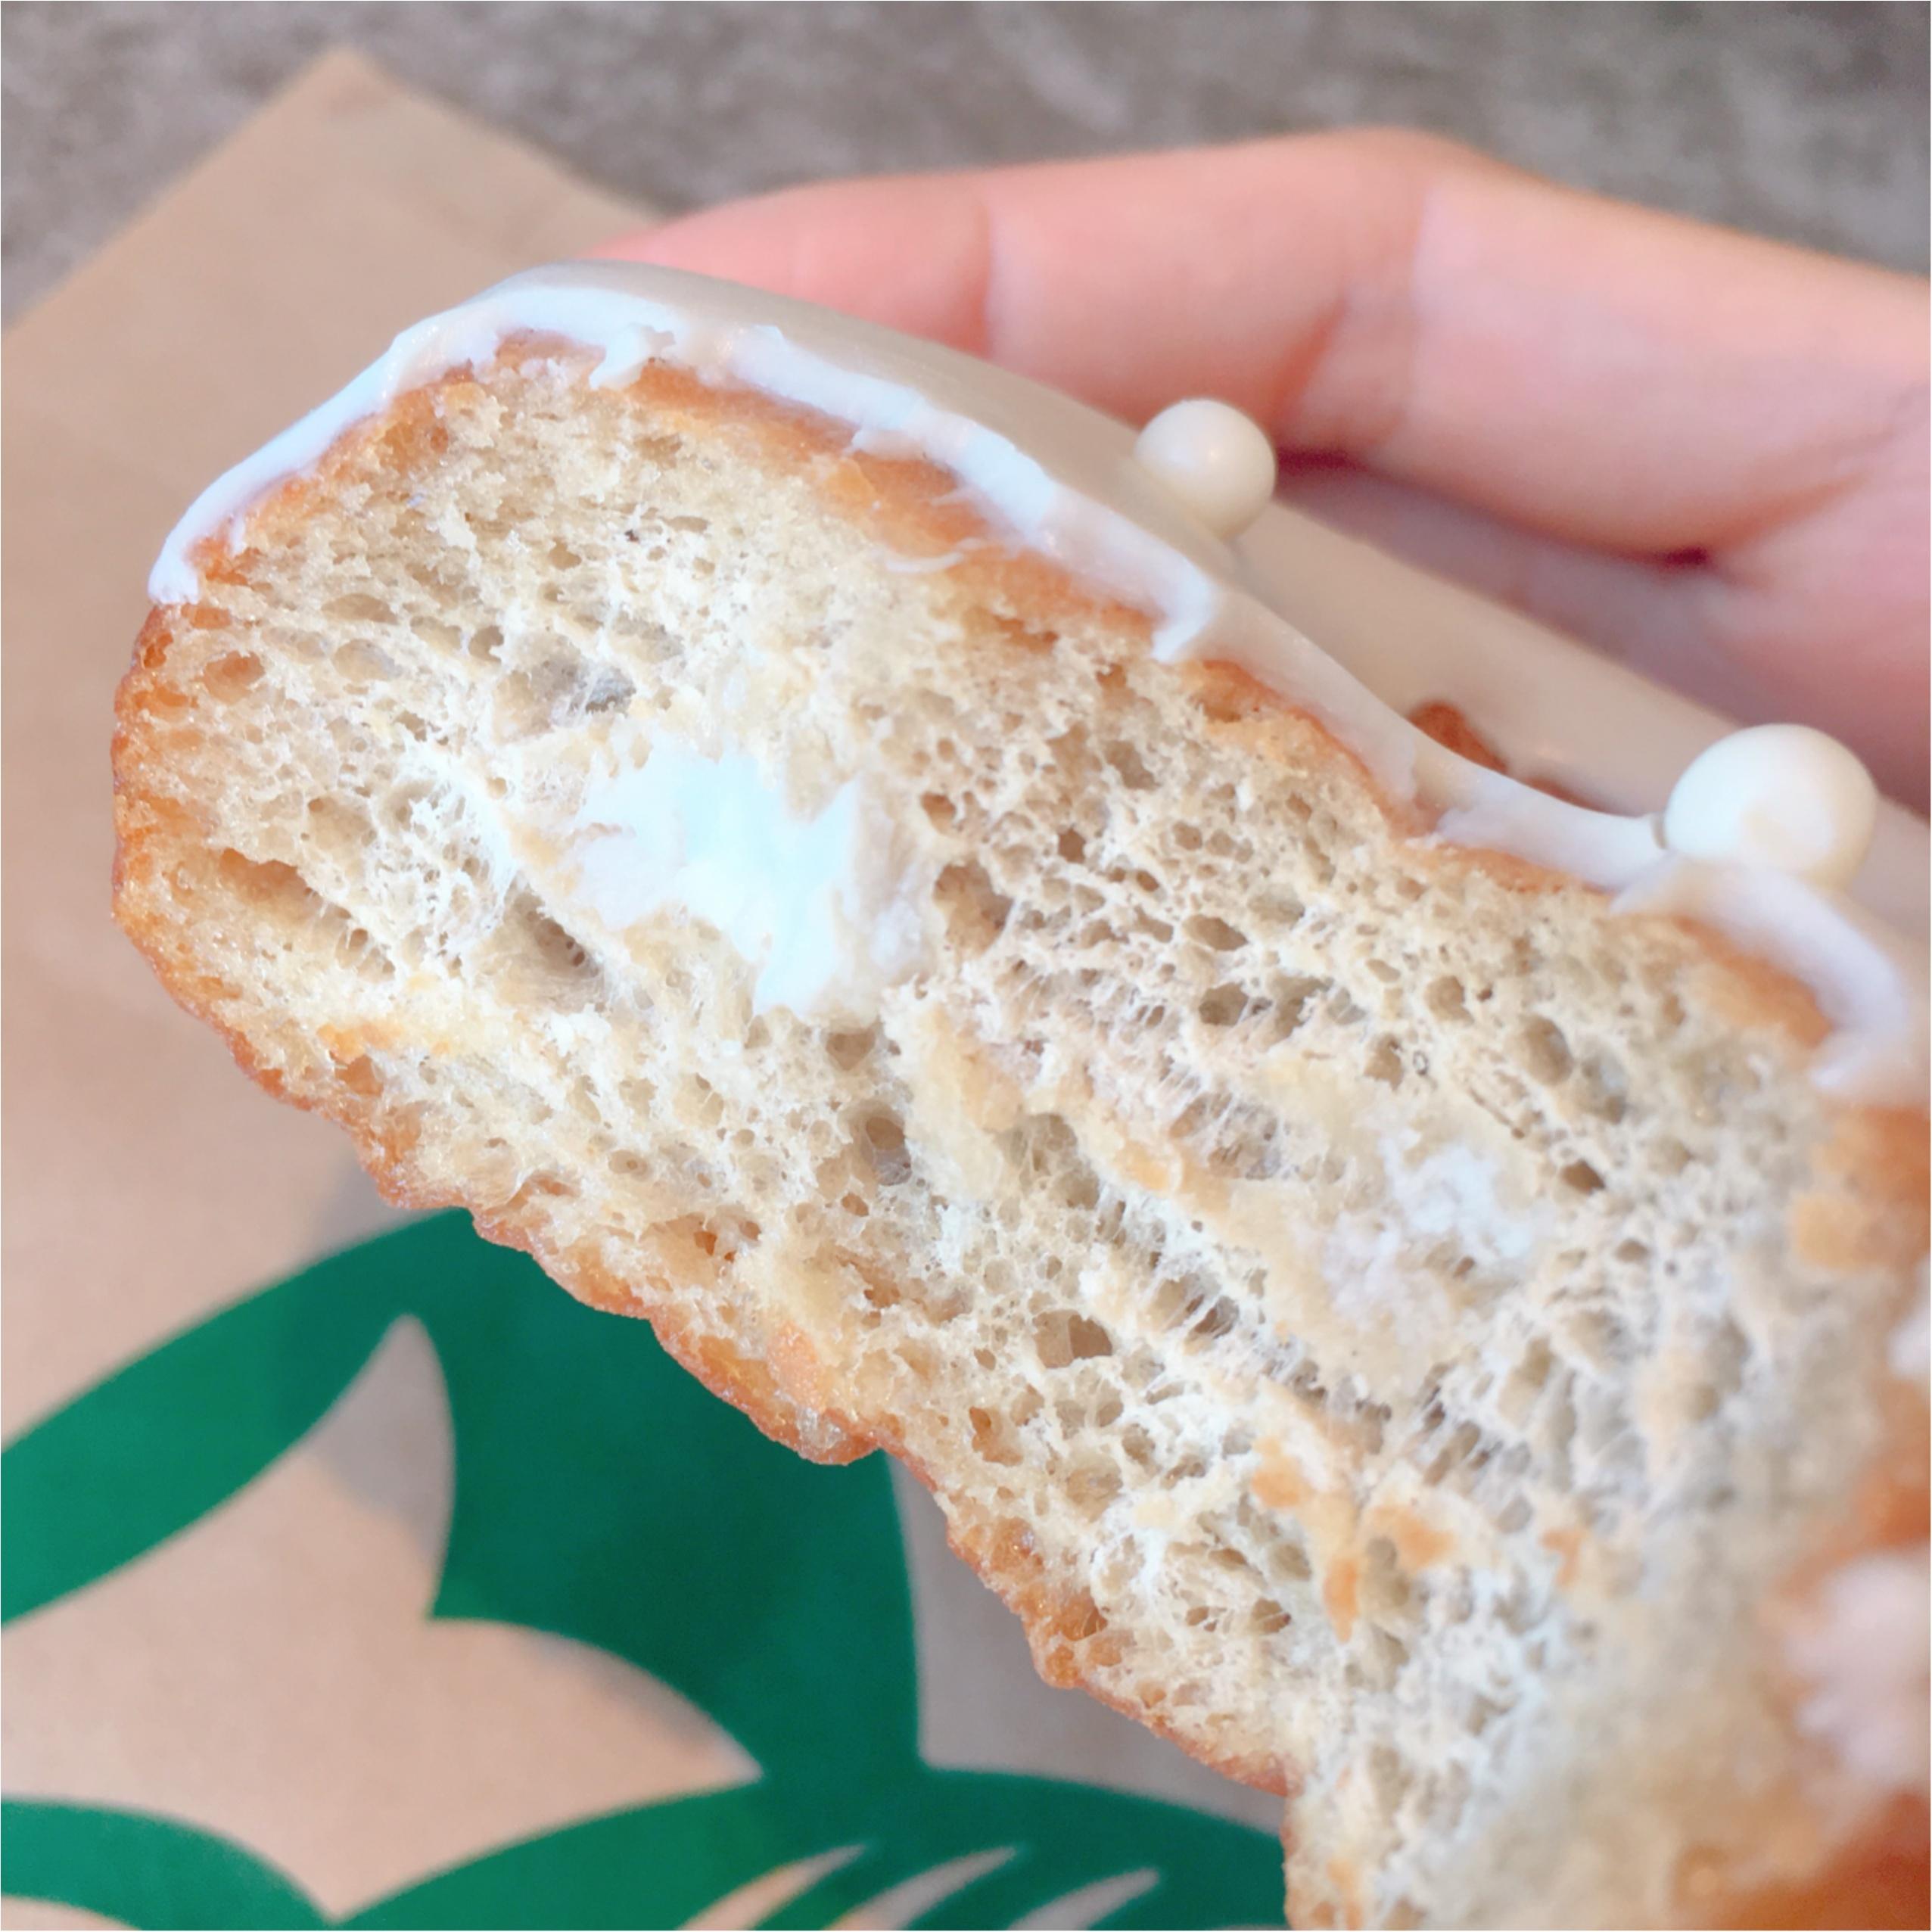 実は充実している【スタバ】のフードメニューに注目★《かわいい×おいしい》が実現したミルククリームドーナツが美味❤️_2